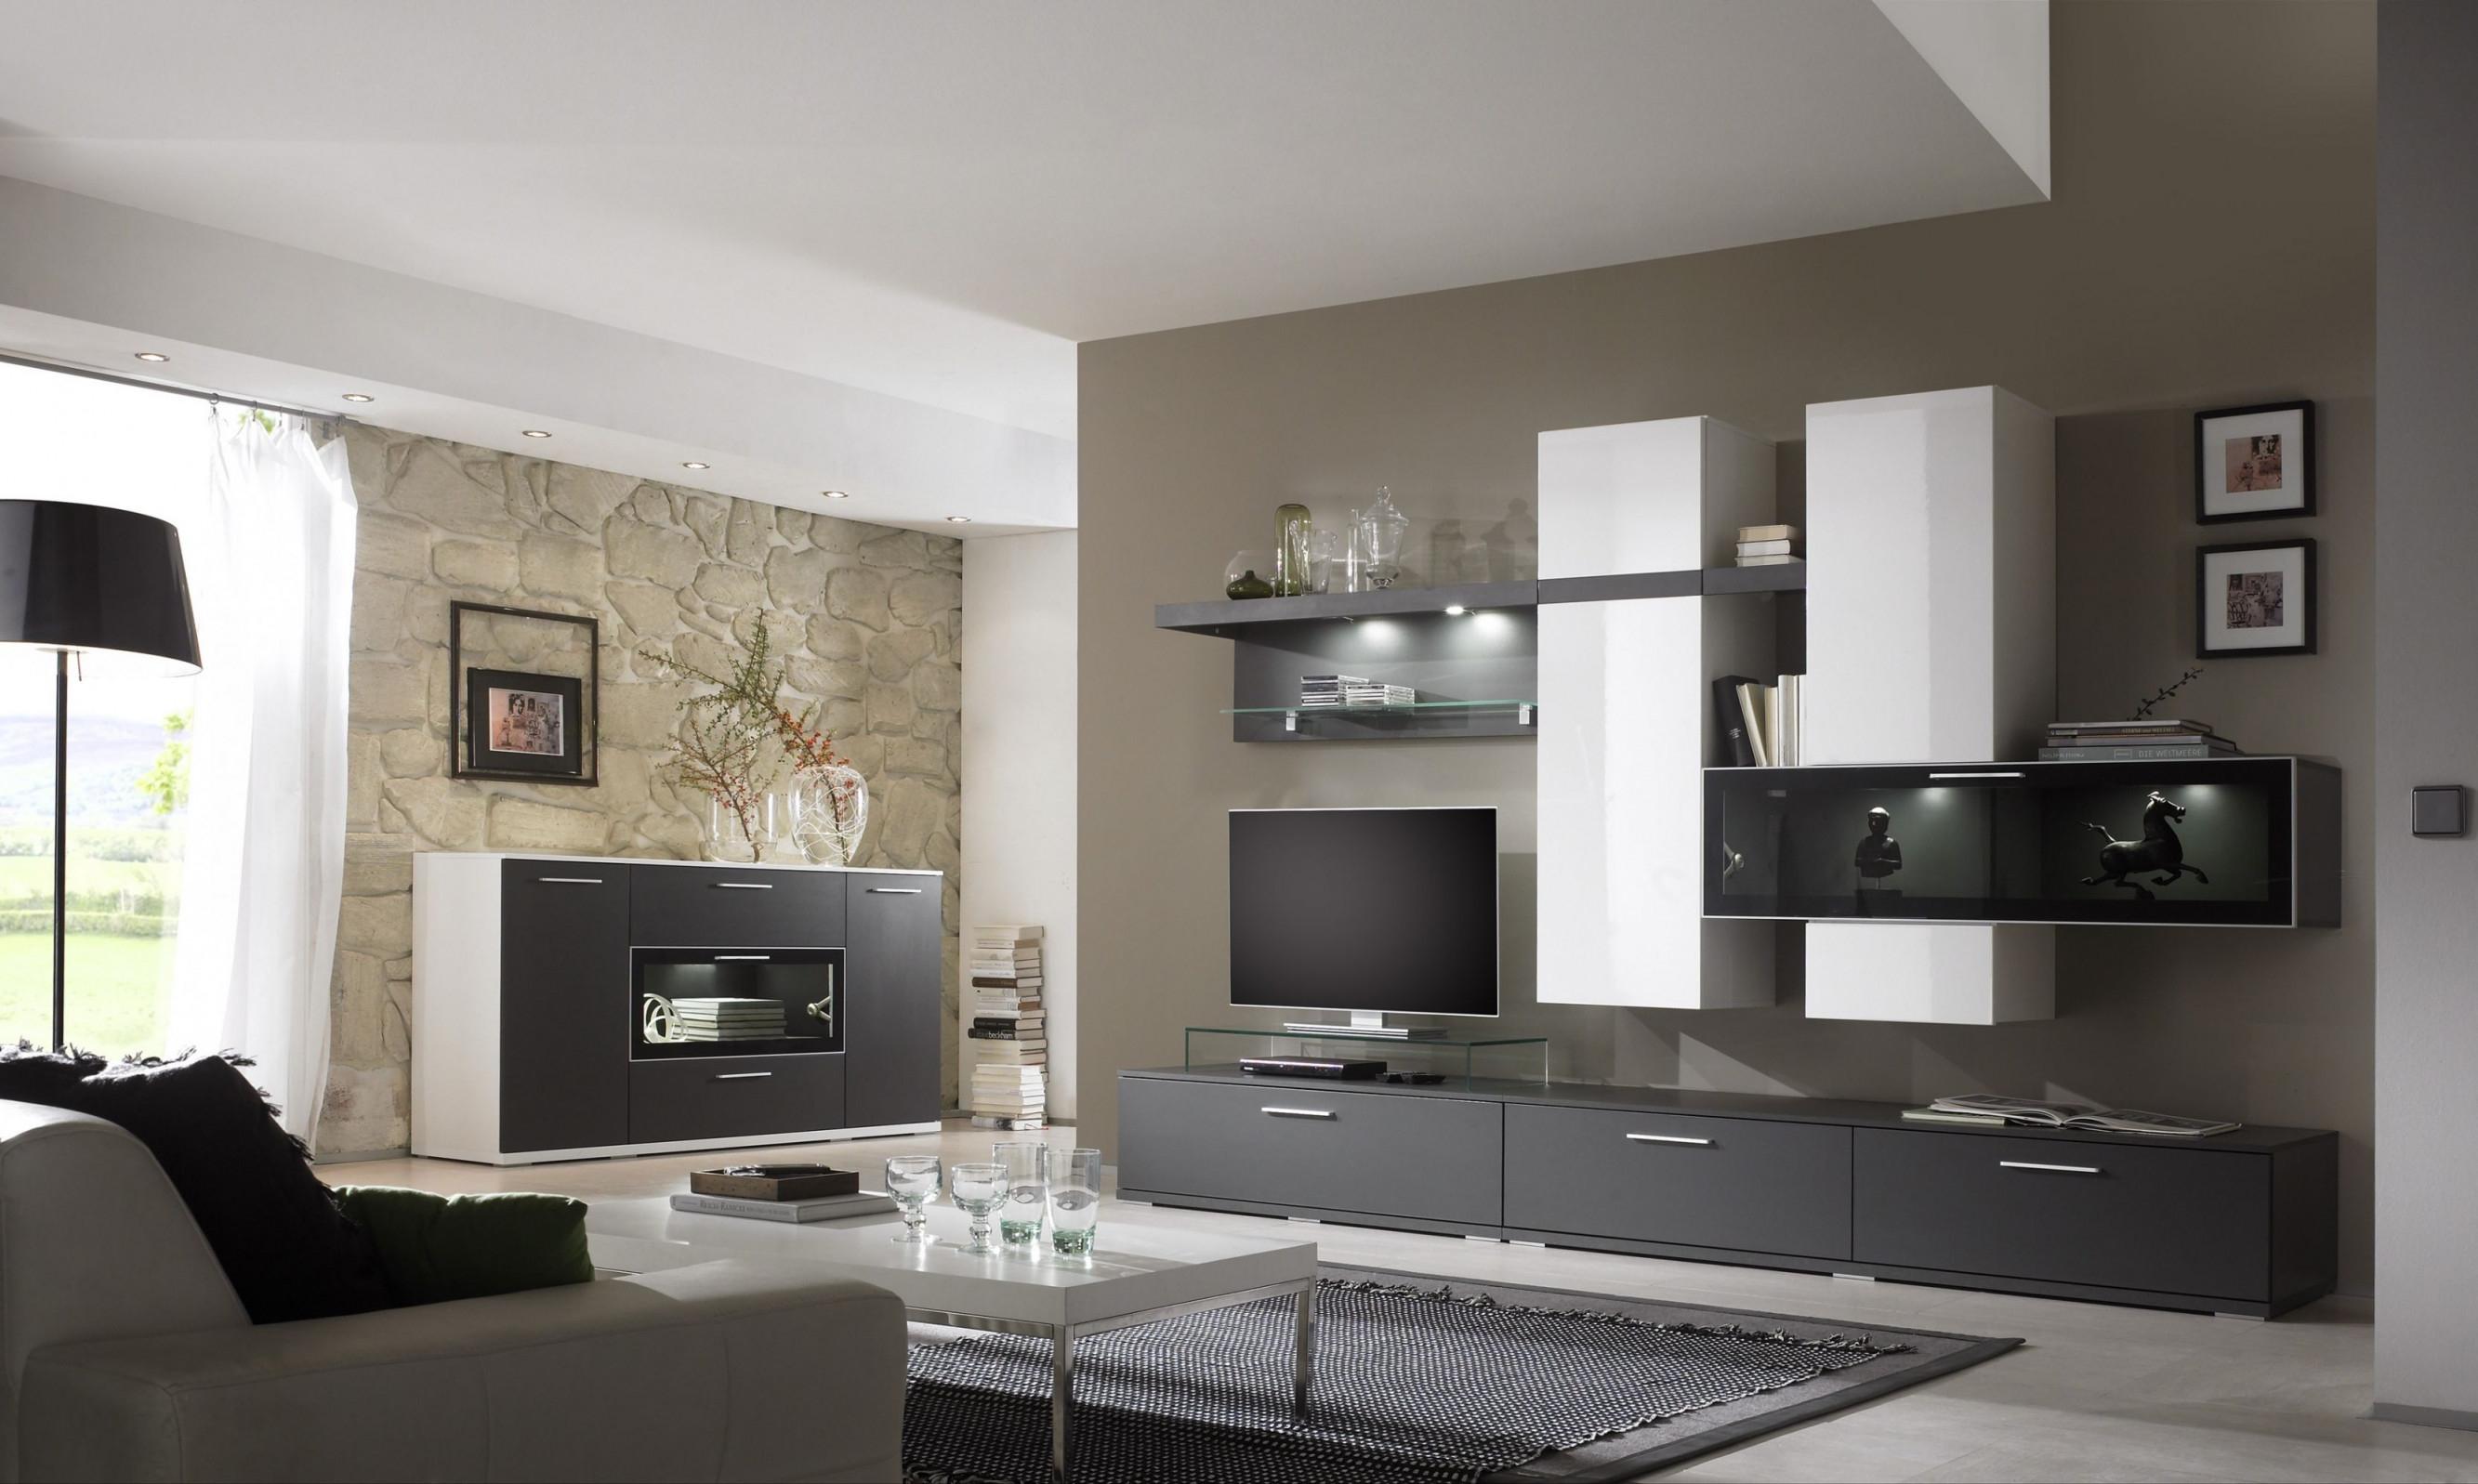 Ehrfürchtig Wohnzimmer Ideen Grau Braun  Wohnzimmer von Wohnzimmer Braun Grau Gestalten Bild